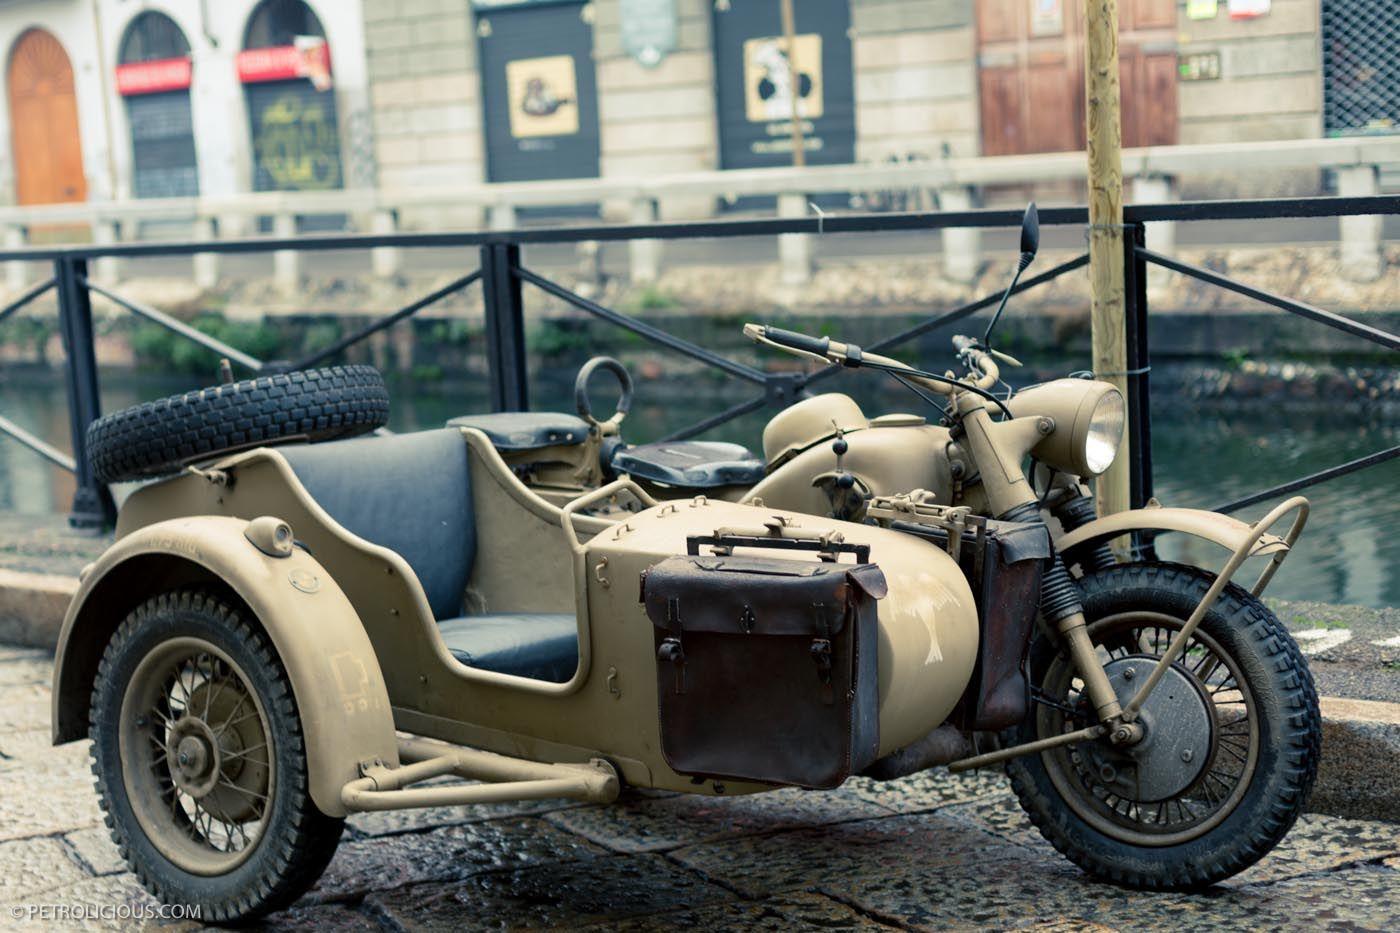 Vintage Bmw Motorcycle Bmw Vintage Bmw Motorcycle Vintage Motorcycle